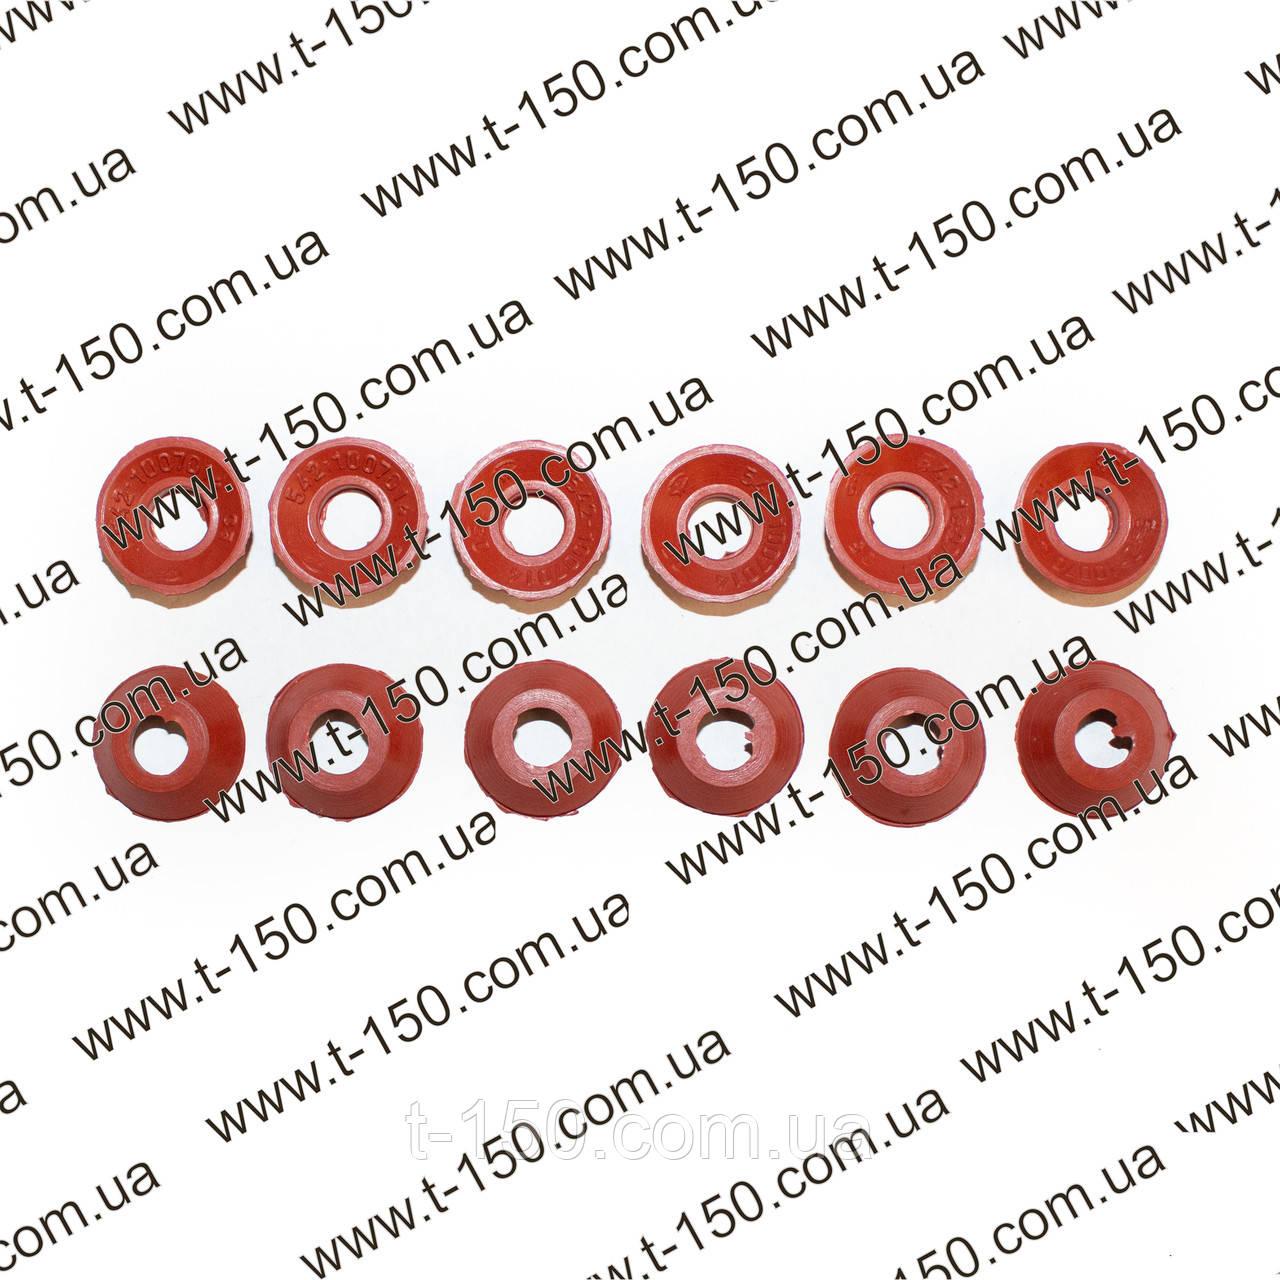 Ремкомплект сальников впускных клапанов ГАЗ-4301 12 штук, дизель силикон, 542.1007014